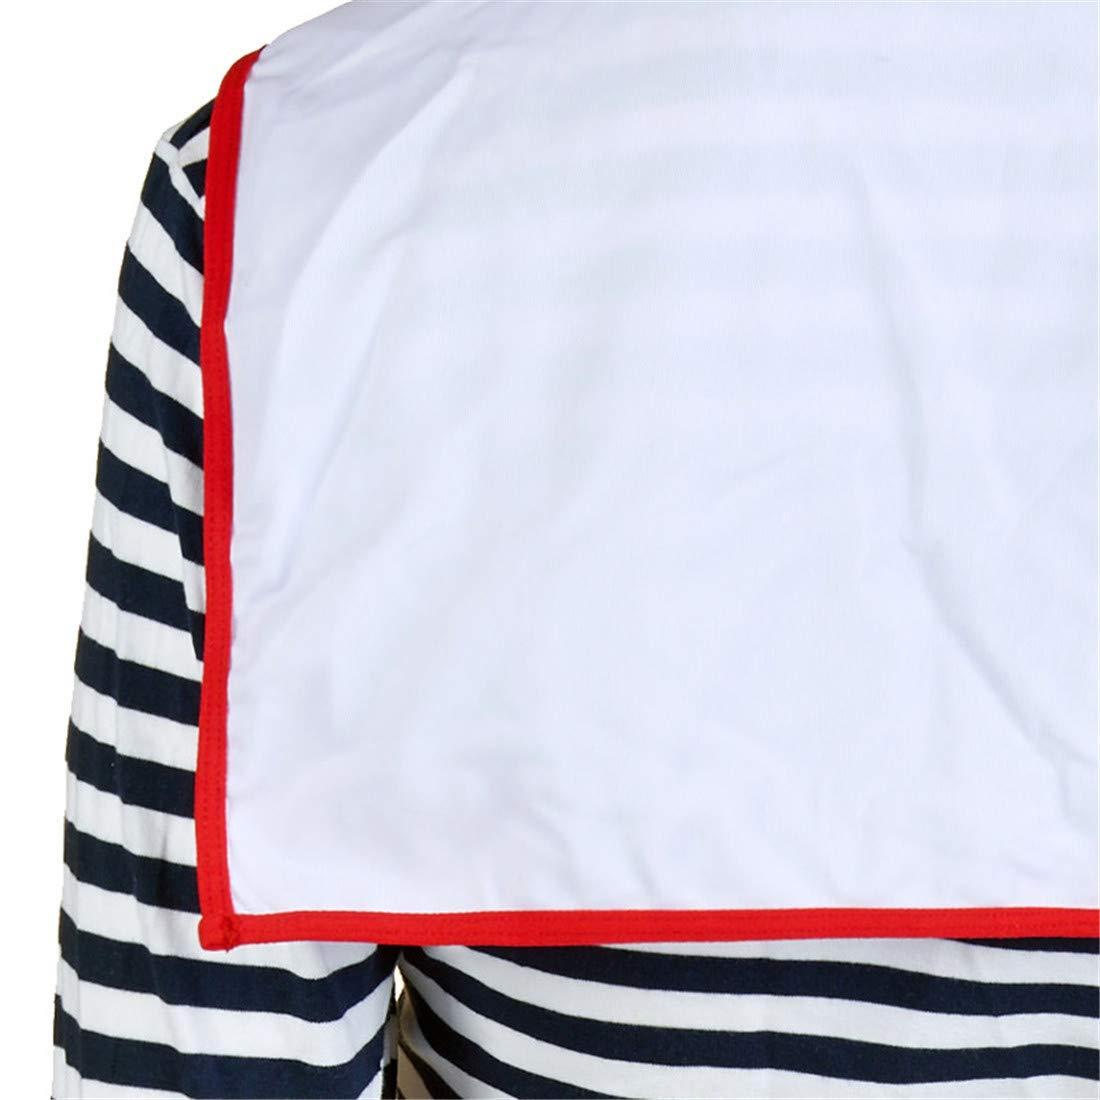 Sense-touch GCC Conjunto Conjunto Conjunto de Falda Plisada Sailor Pack Azul Marino, A, XXXL cc9678